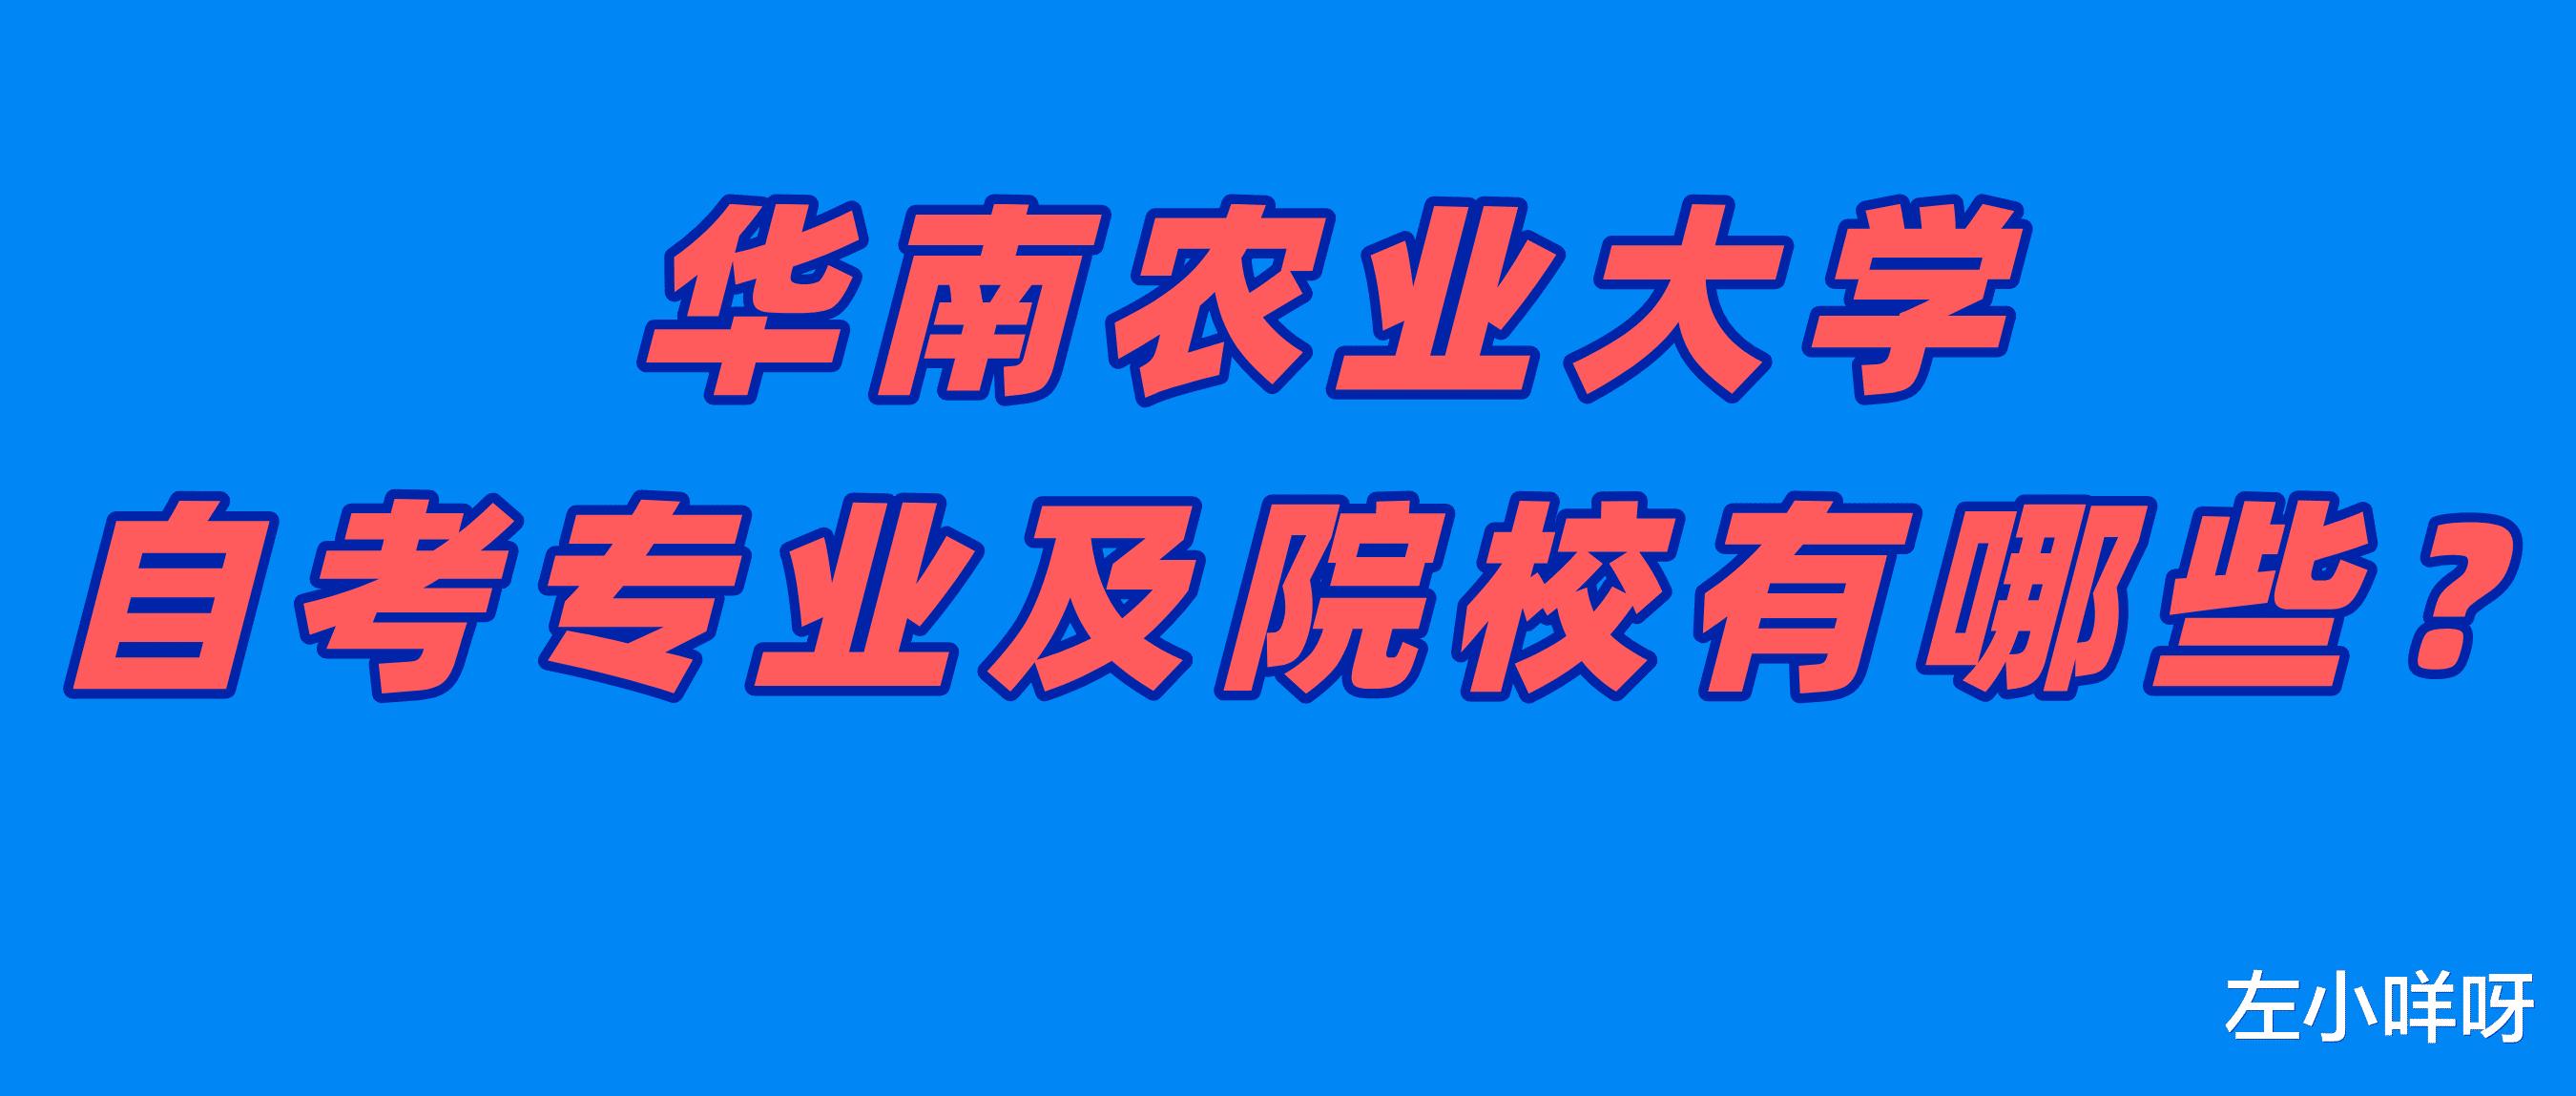 华南农业大学自考主考院校有哪些专业?